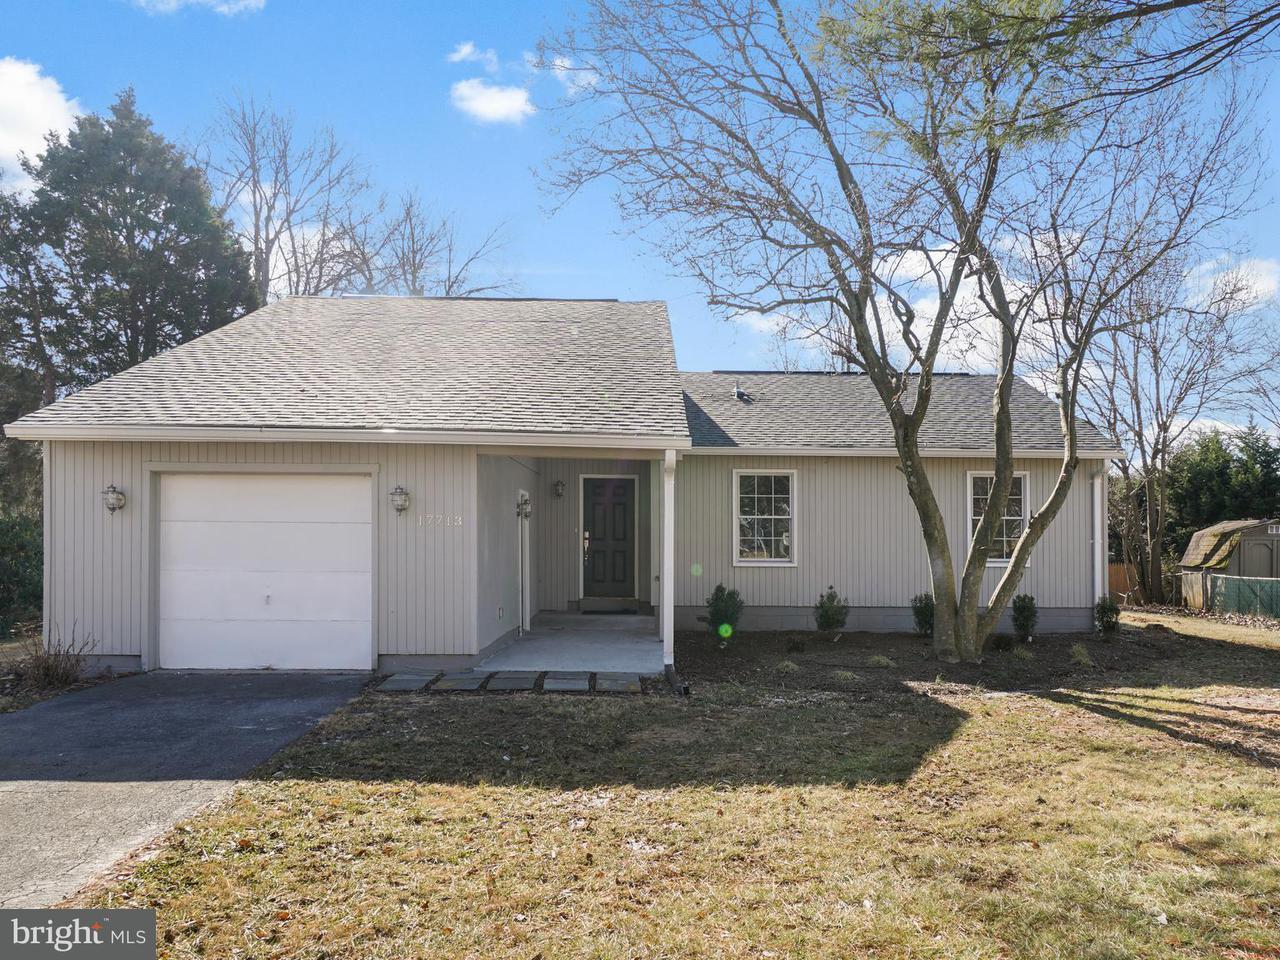 一戸建て のために 売買 アット 17713 Millcrest Drive 17713 Millcrest Drive Derwood, メリーランド 20855 アメリカ合衆国